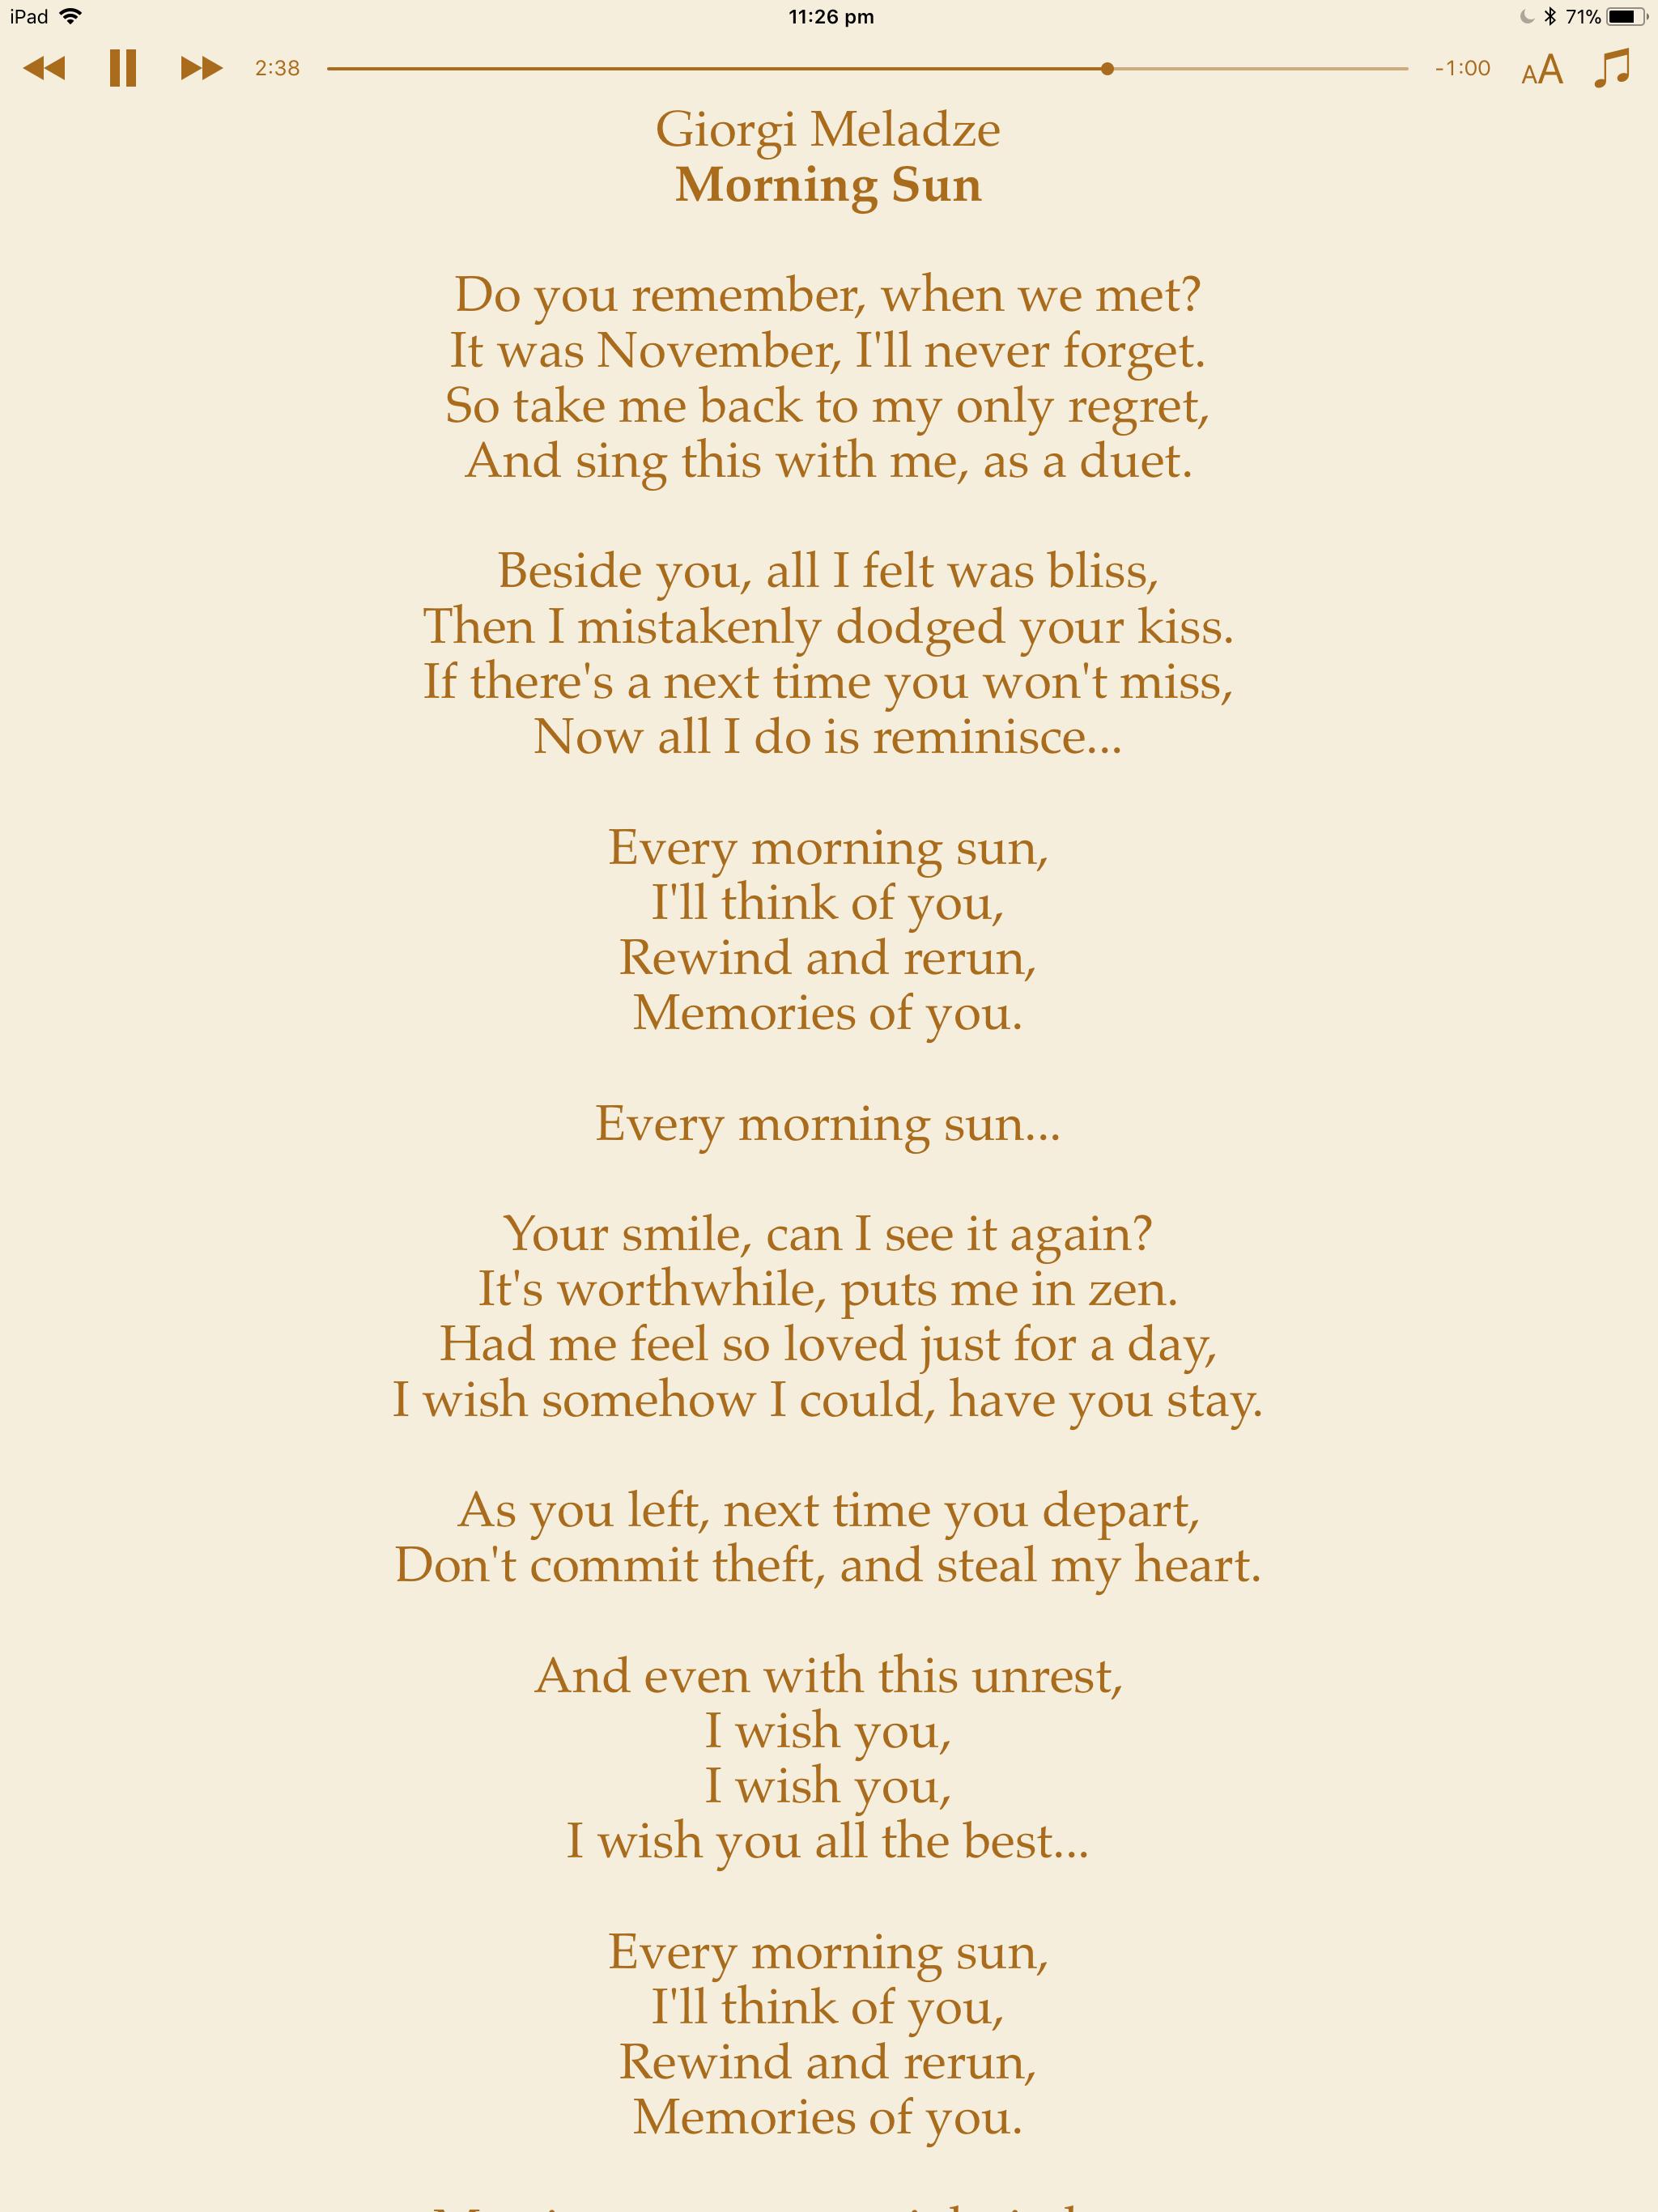 lyrics_view_ipad_screenshot_3.PNG